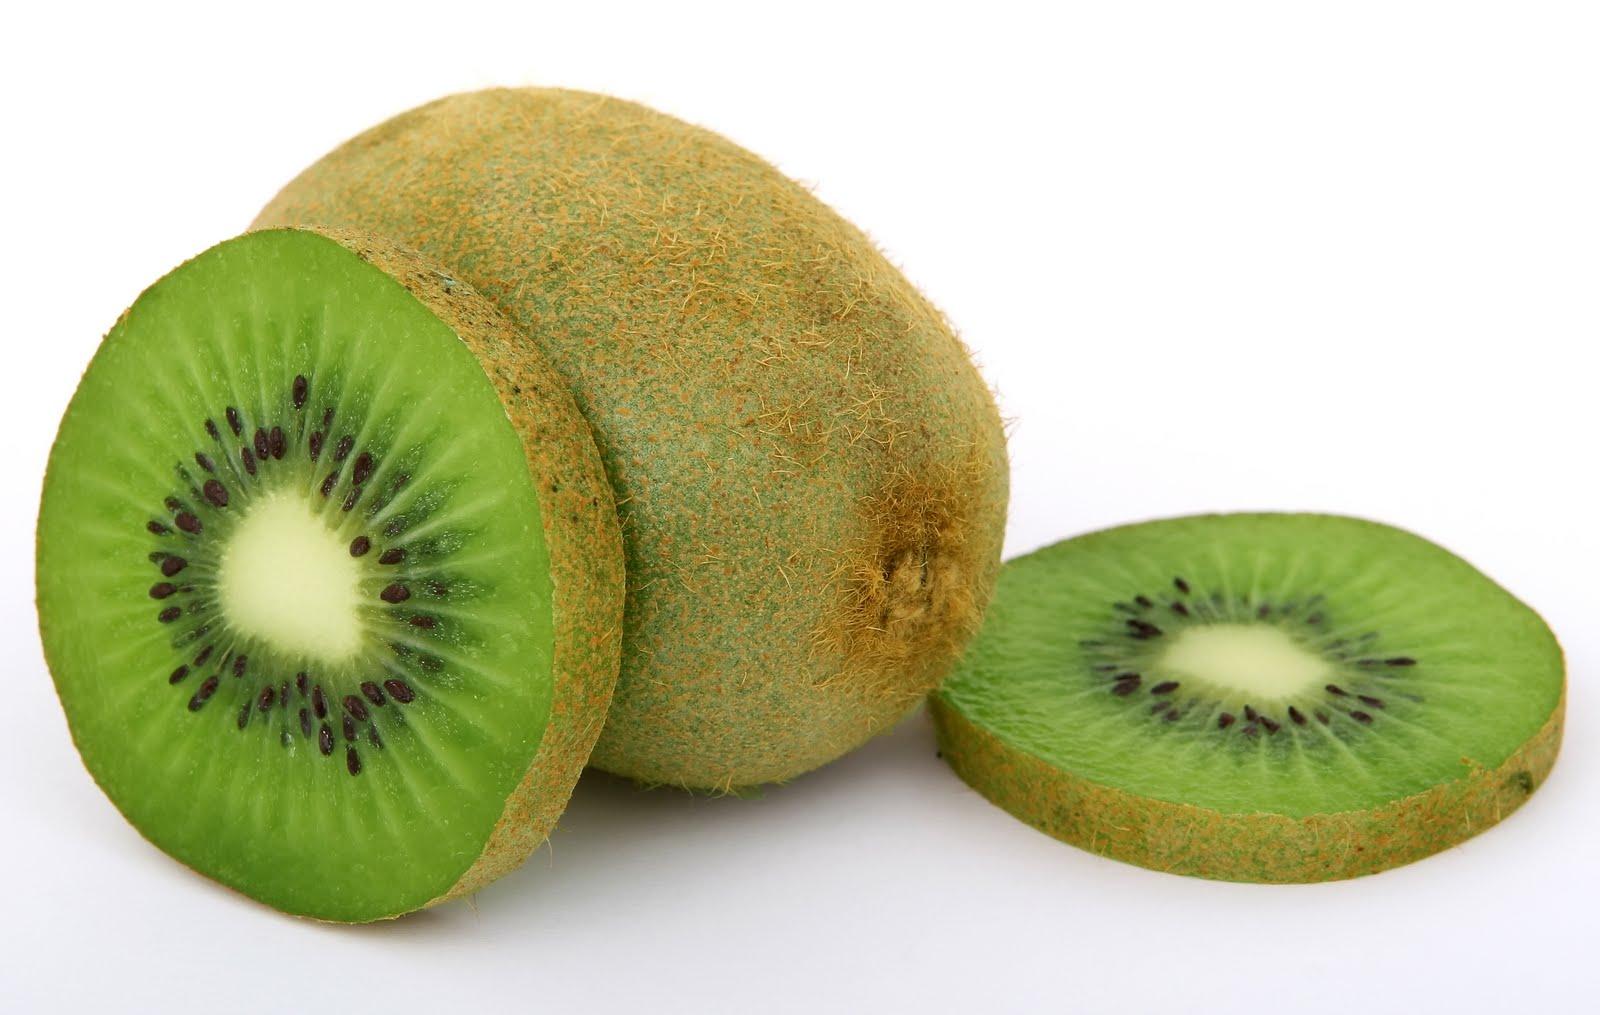 International Lifestyle Magazine: The Magic Kiwi Fruit